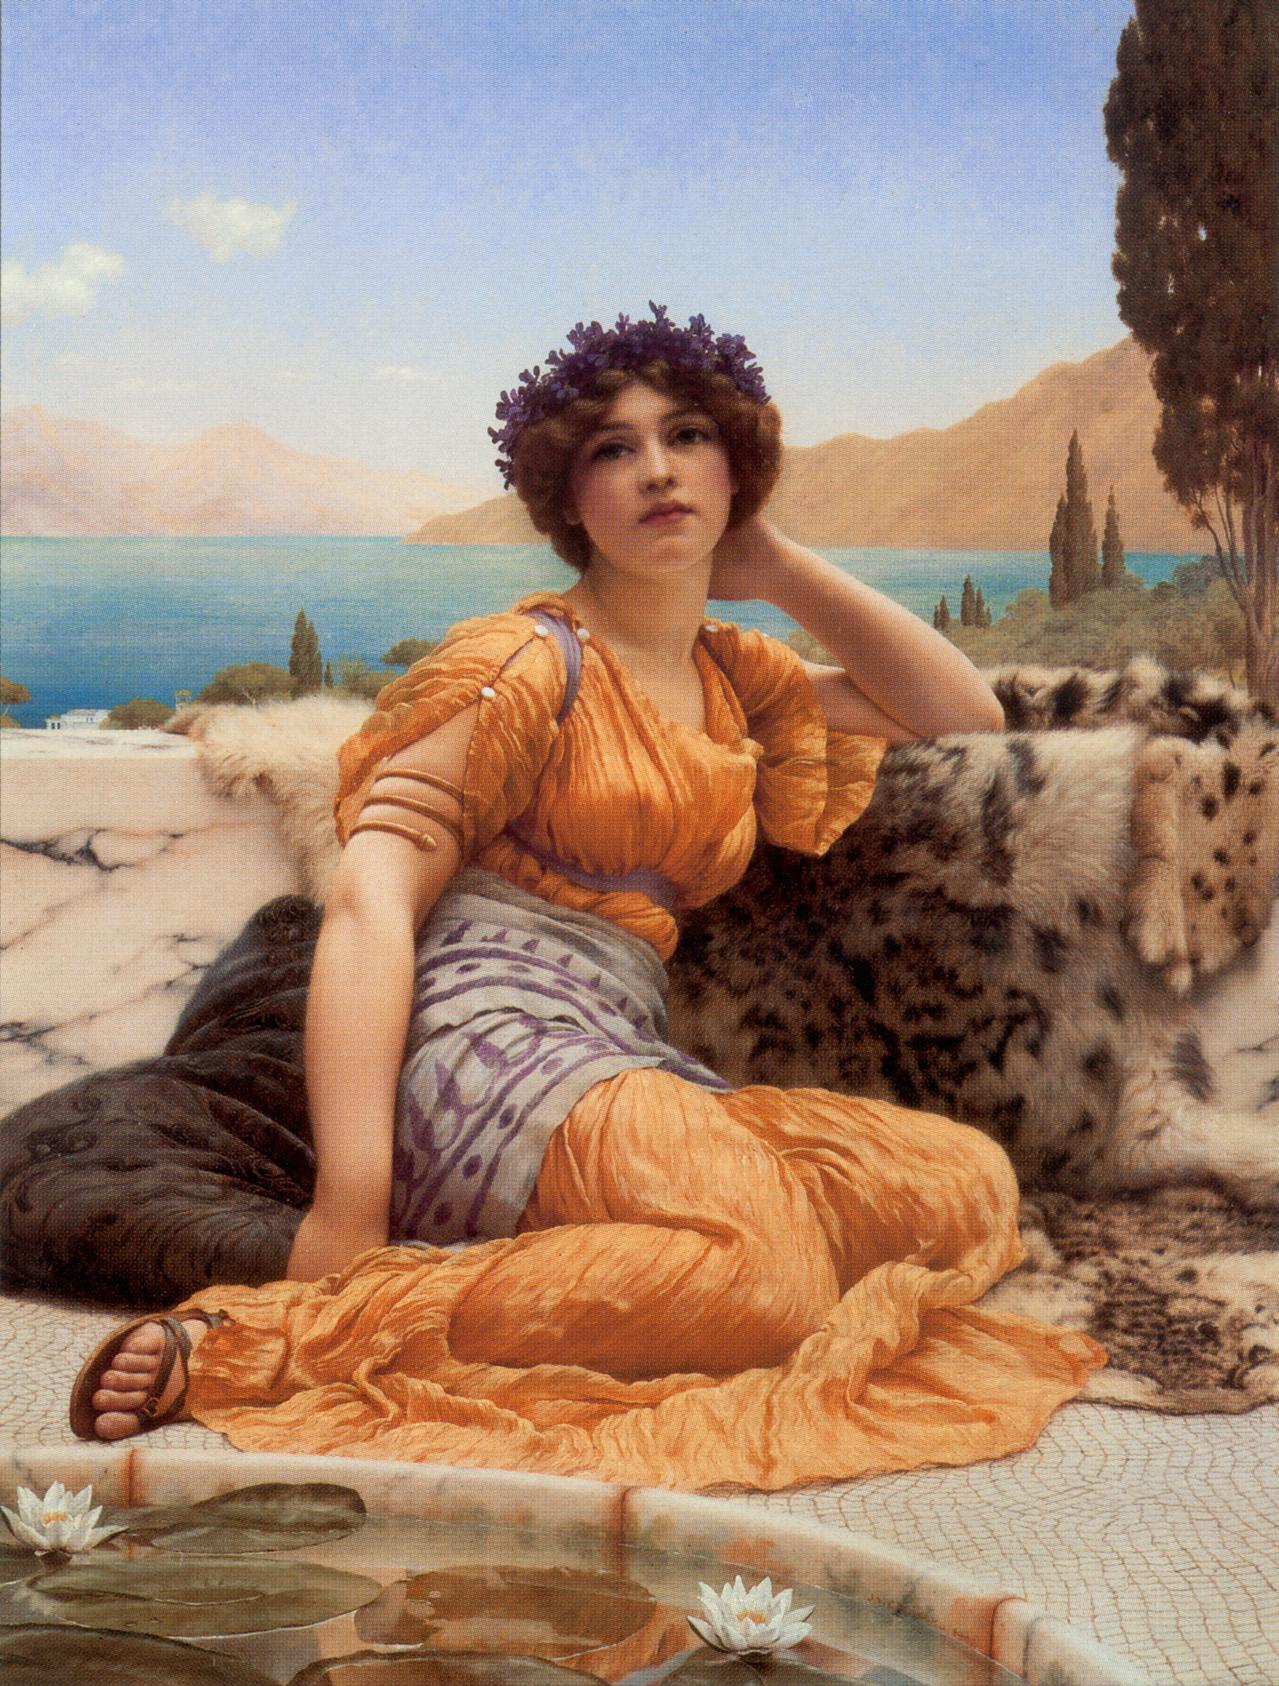 1902_В венке из фиалок и шафрановой одежде (частная коллекция)